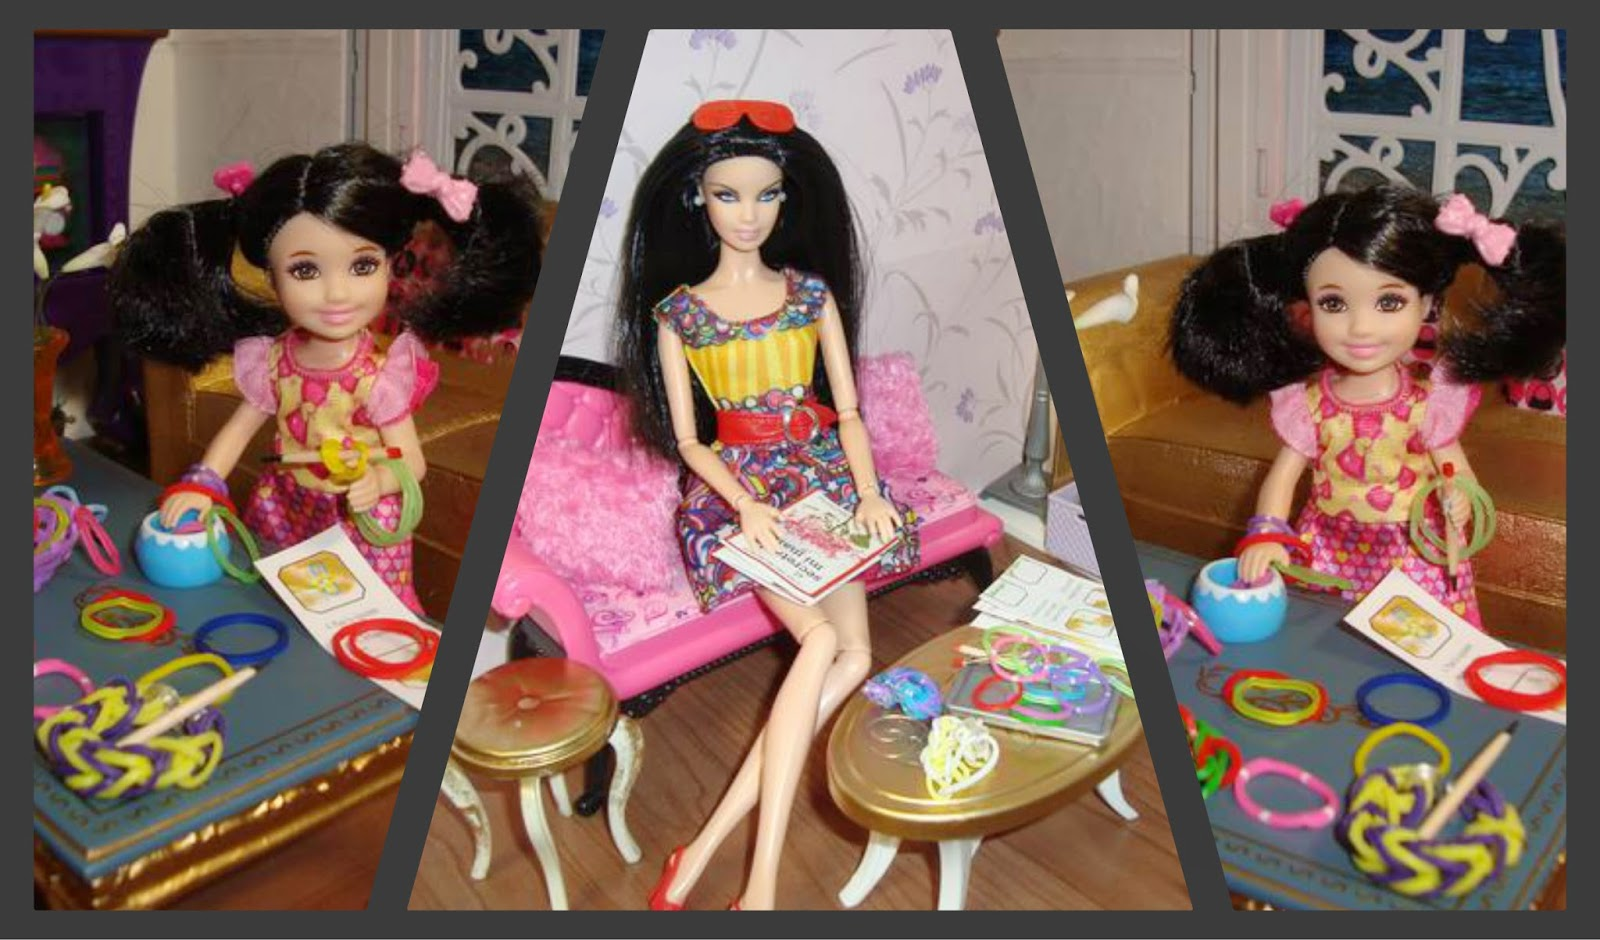 imagenes de pulseras ala moda - imagenes de pulseras | Complementos de moda las pulseras y brazaletes que